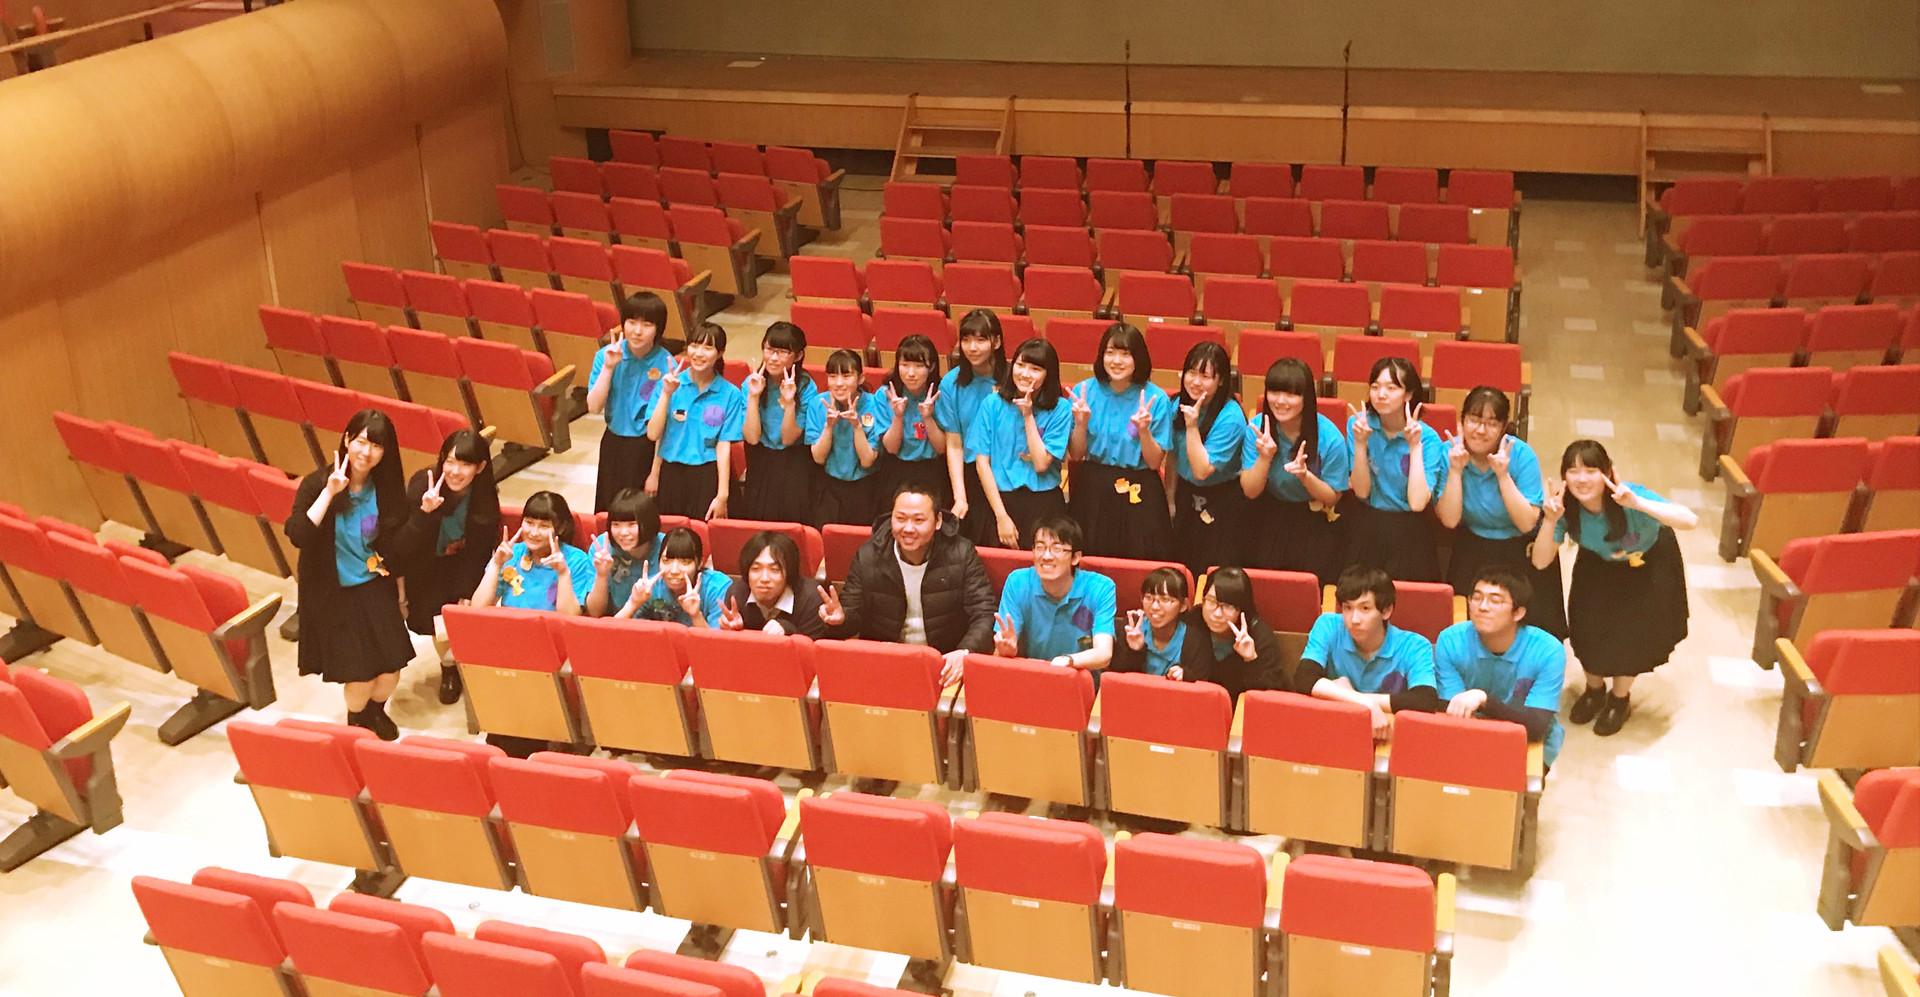 田村高等学校合唱部の皆さんと。  2017.11